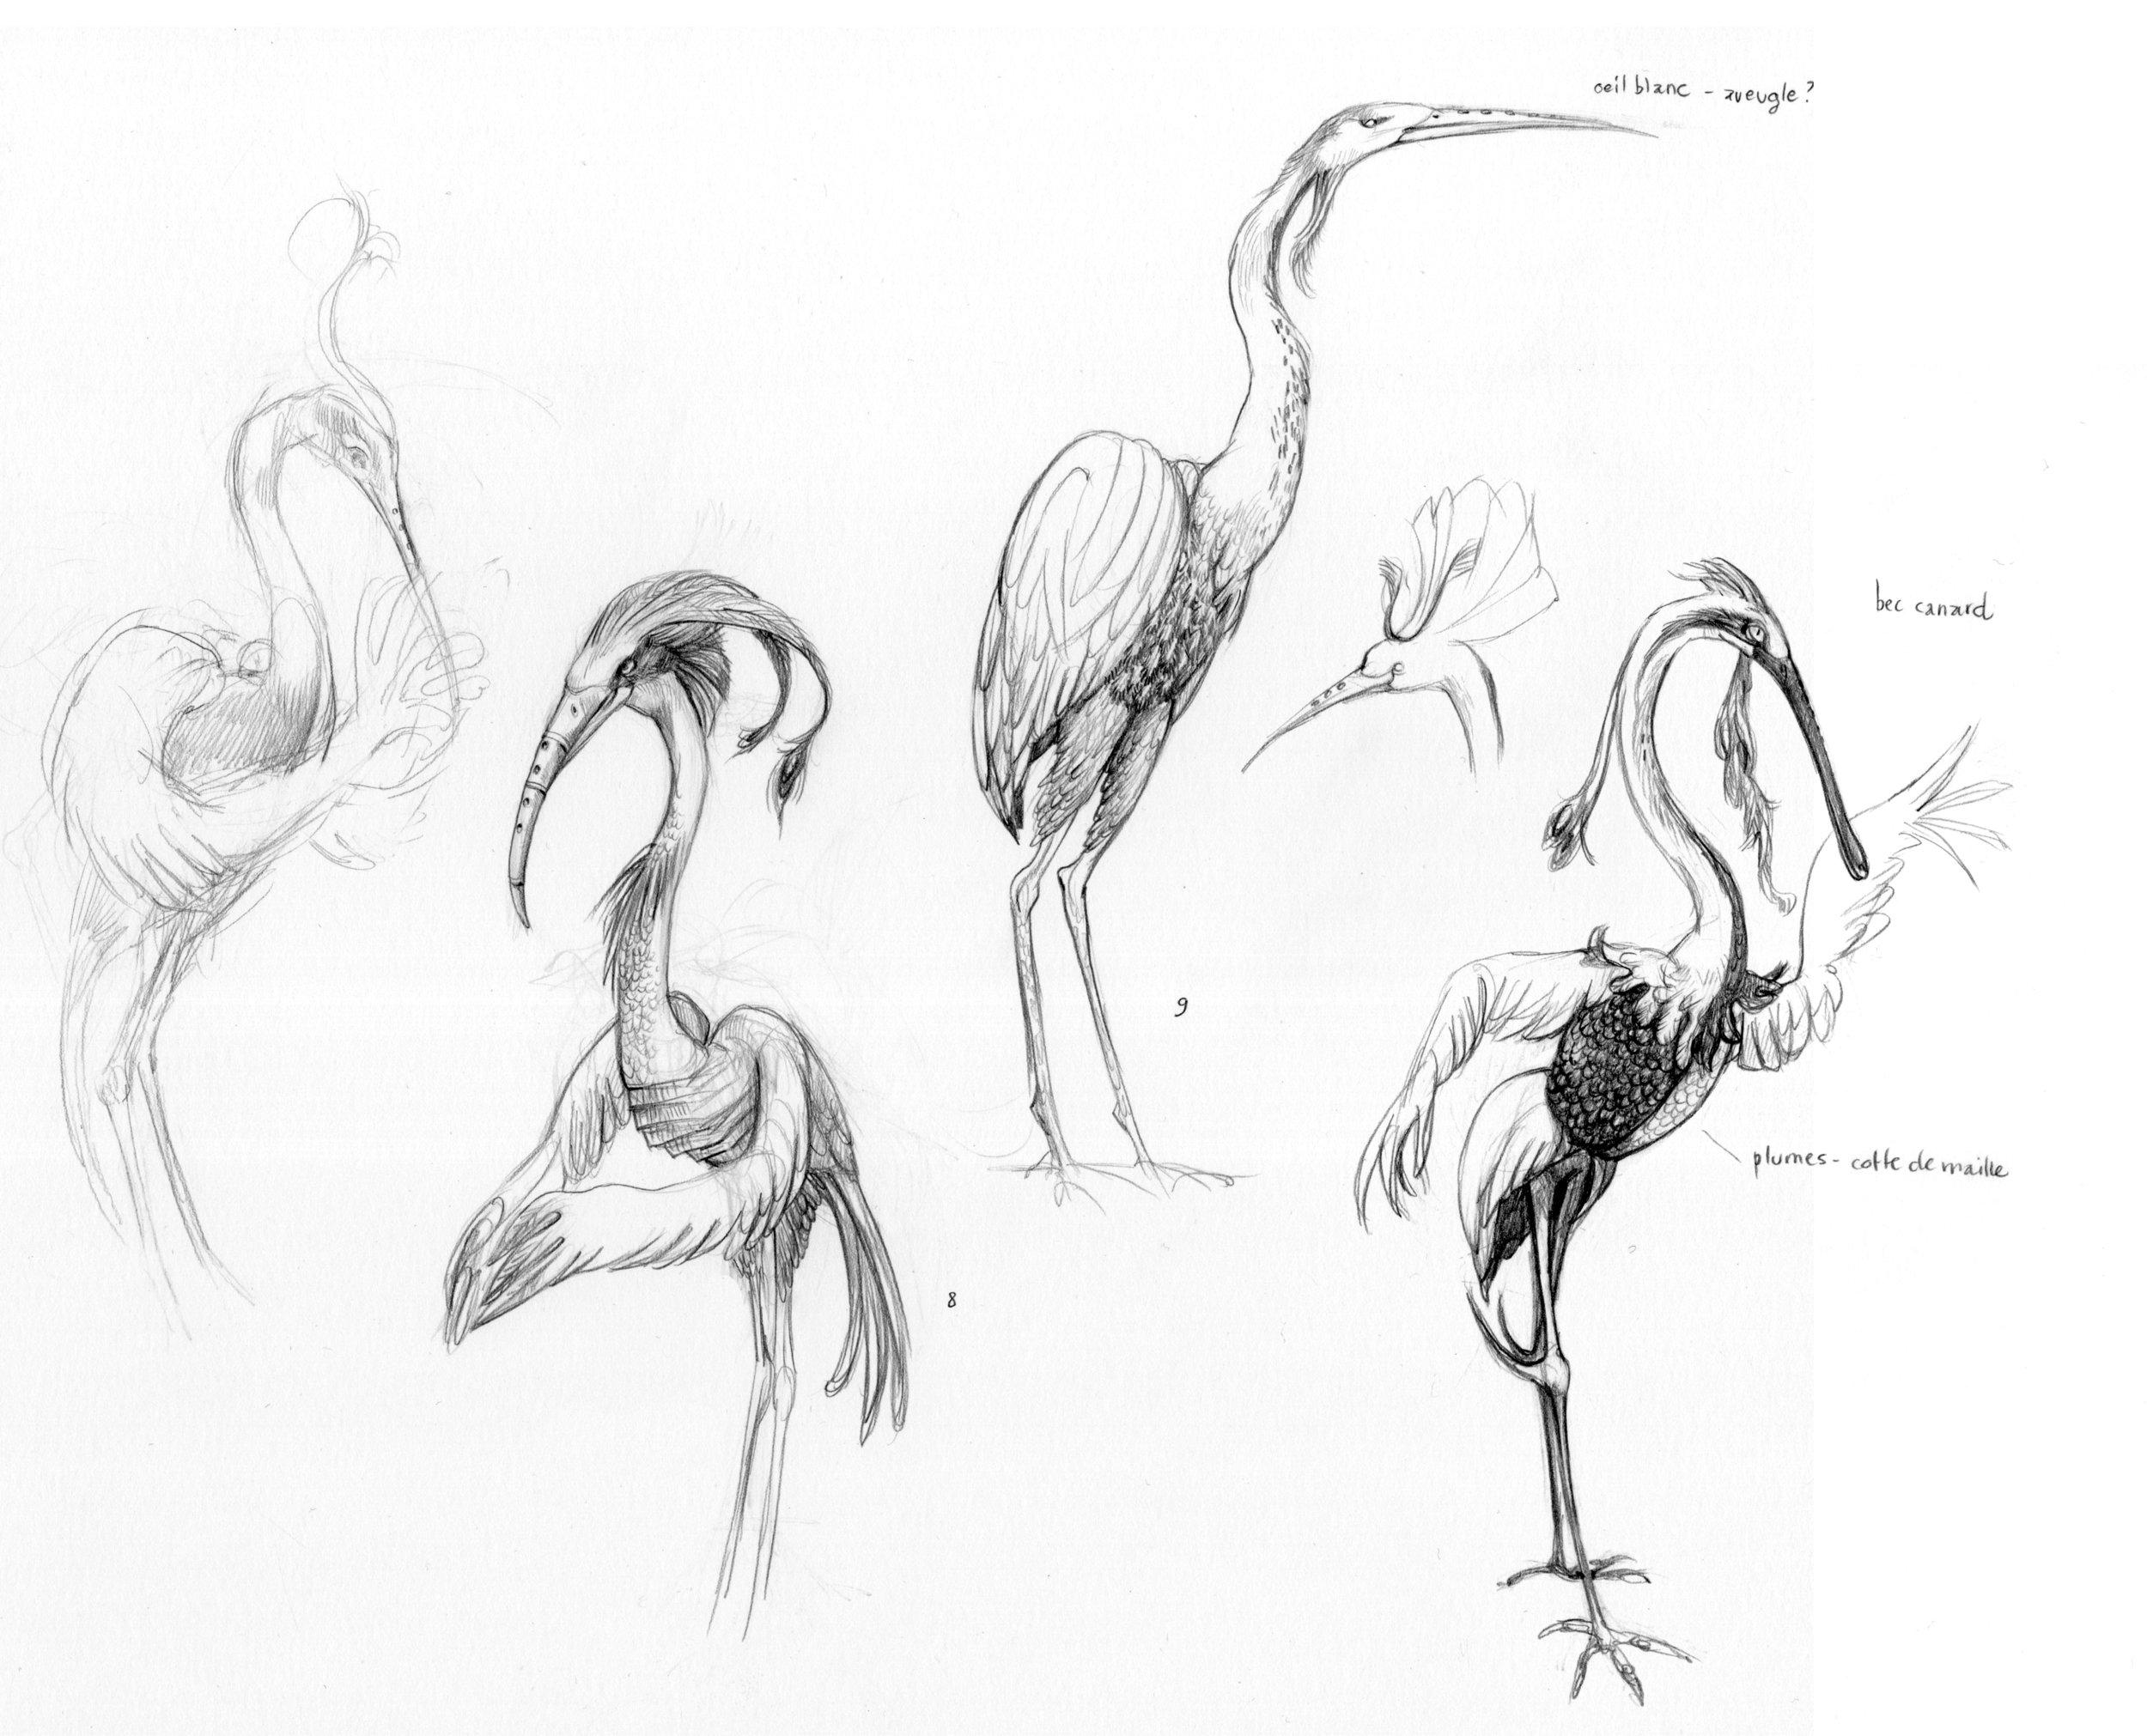 Fantastic flute-bird